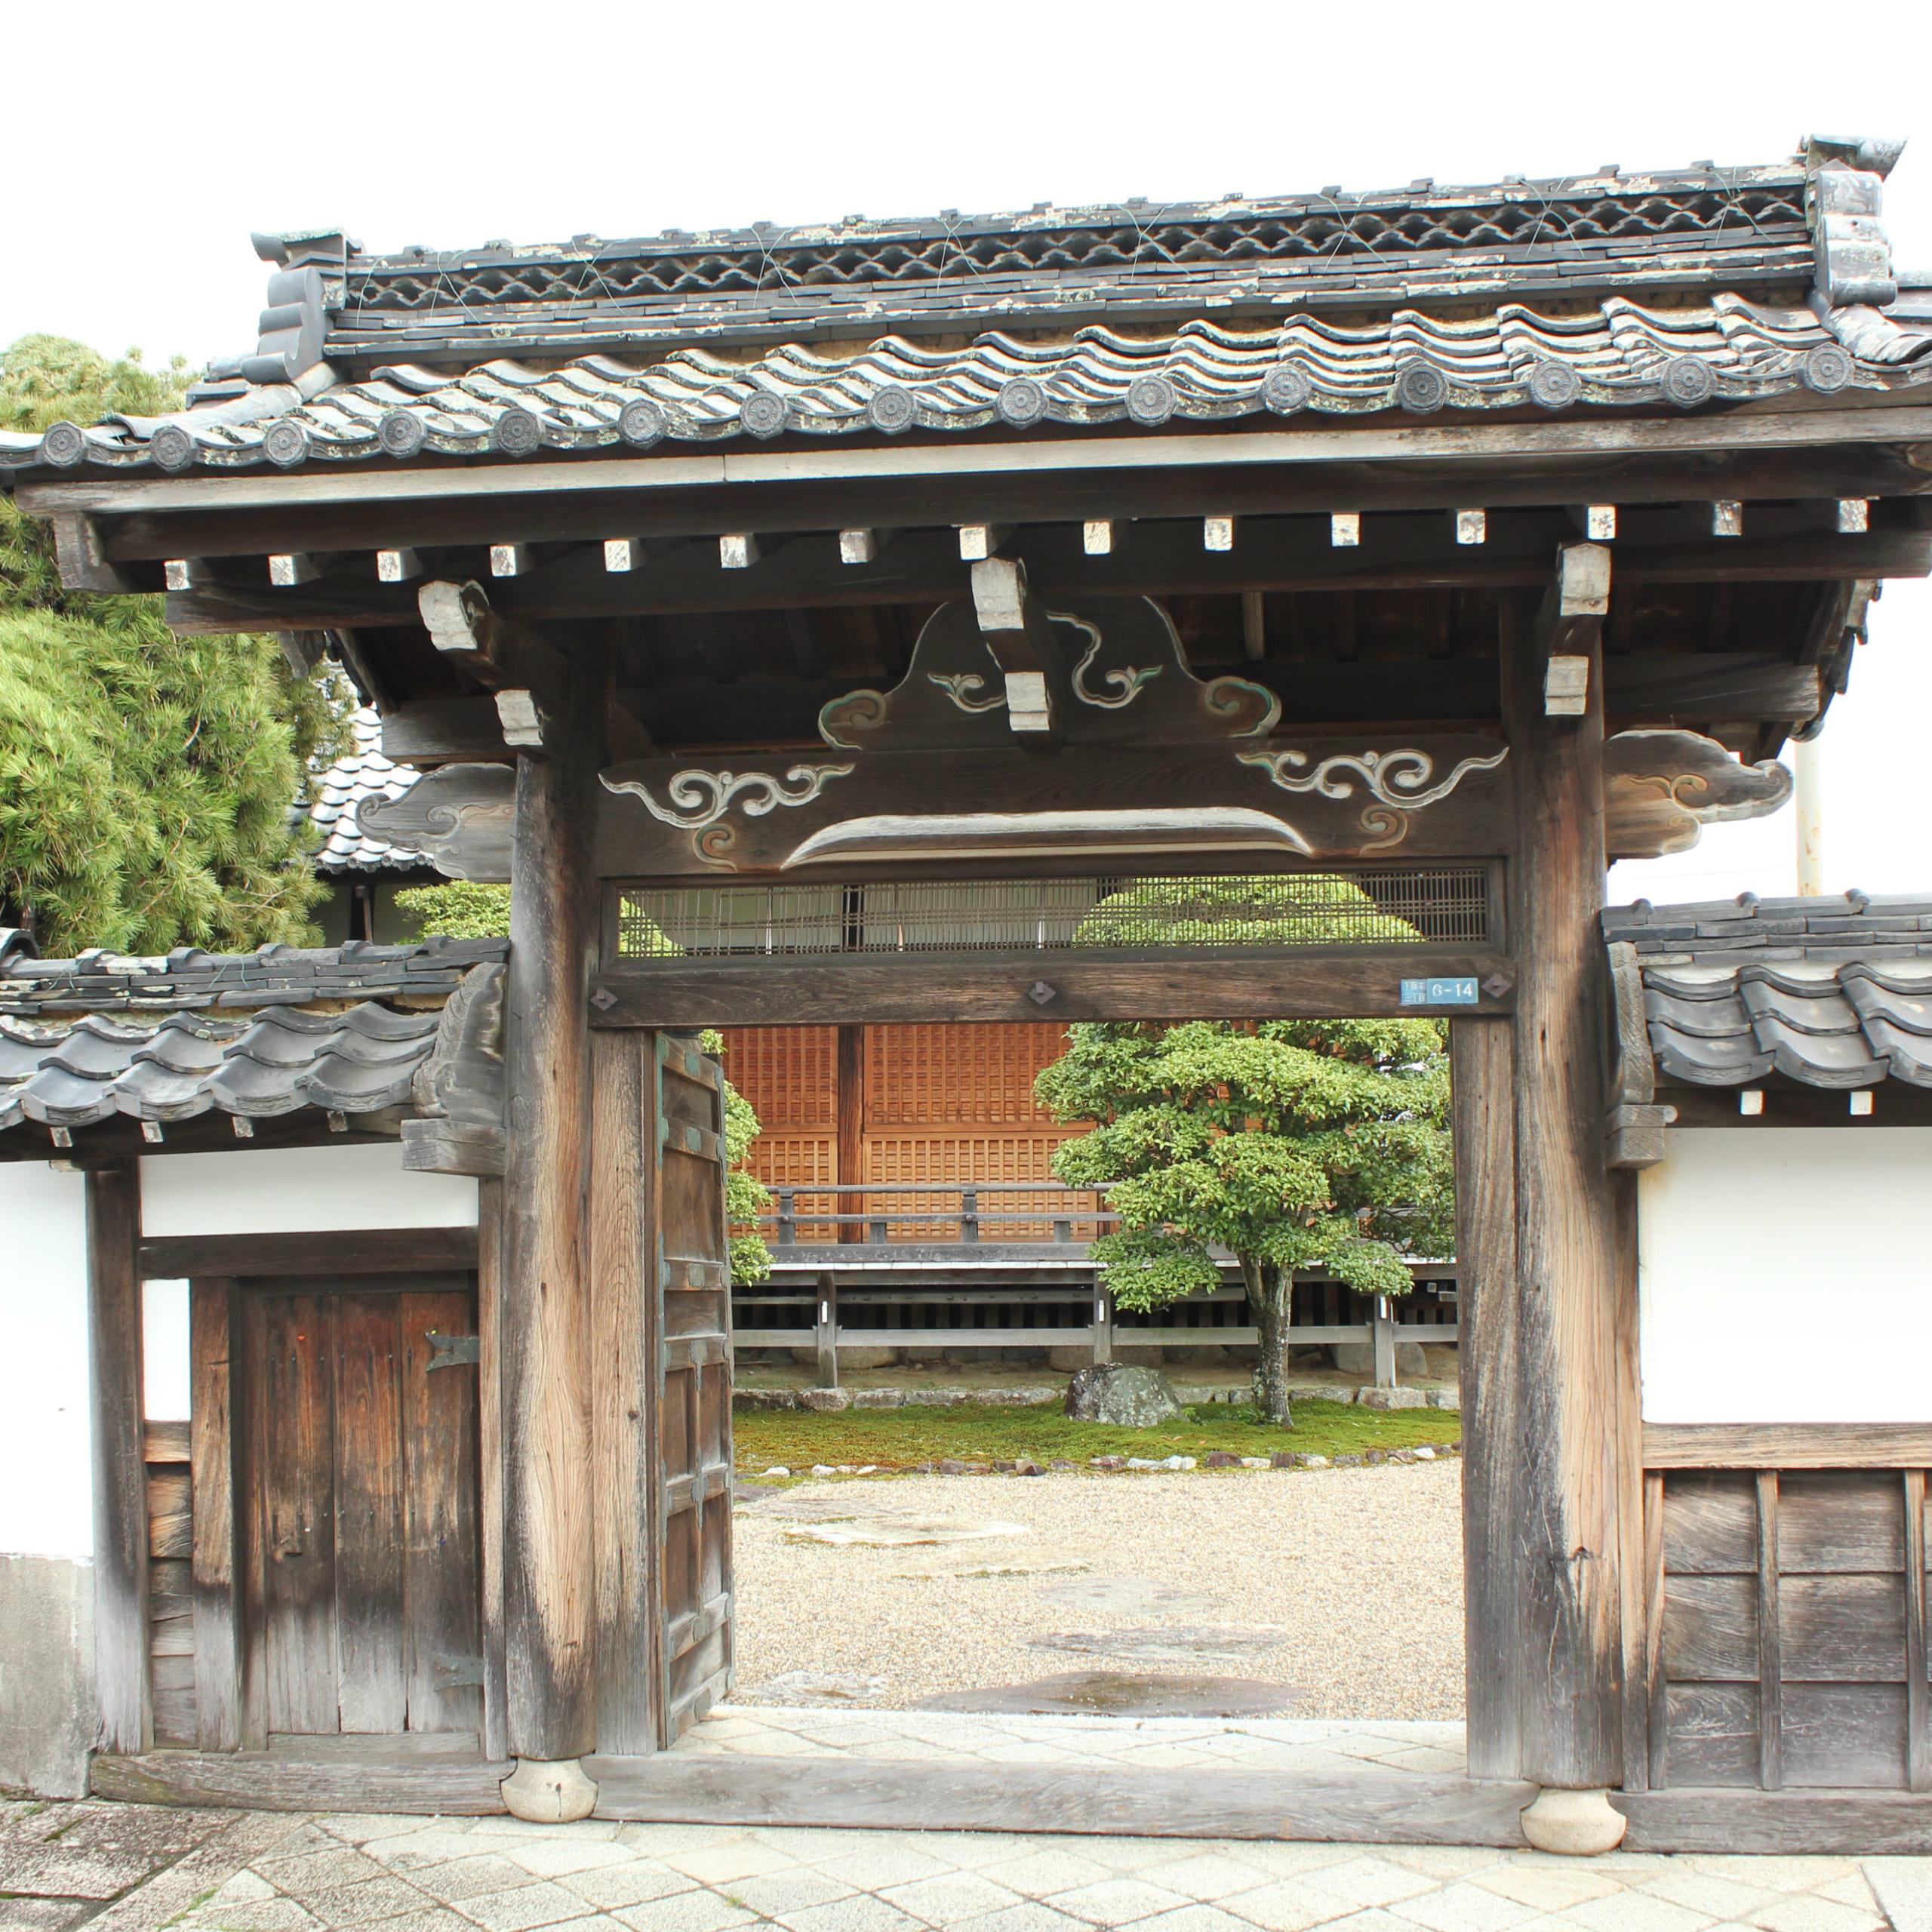 明智光秀の足跡を訪ねて③坂本城跡は広かった